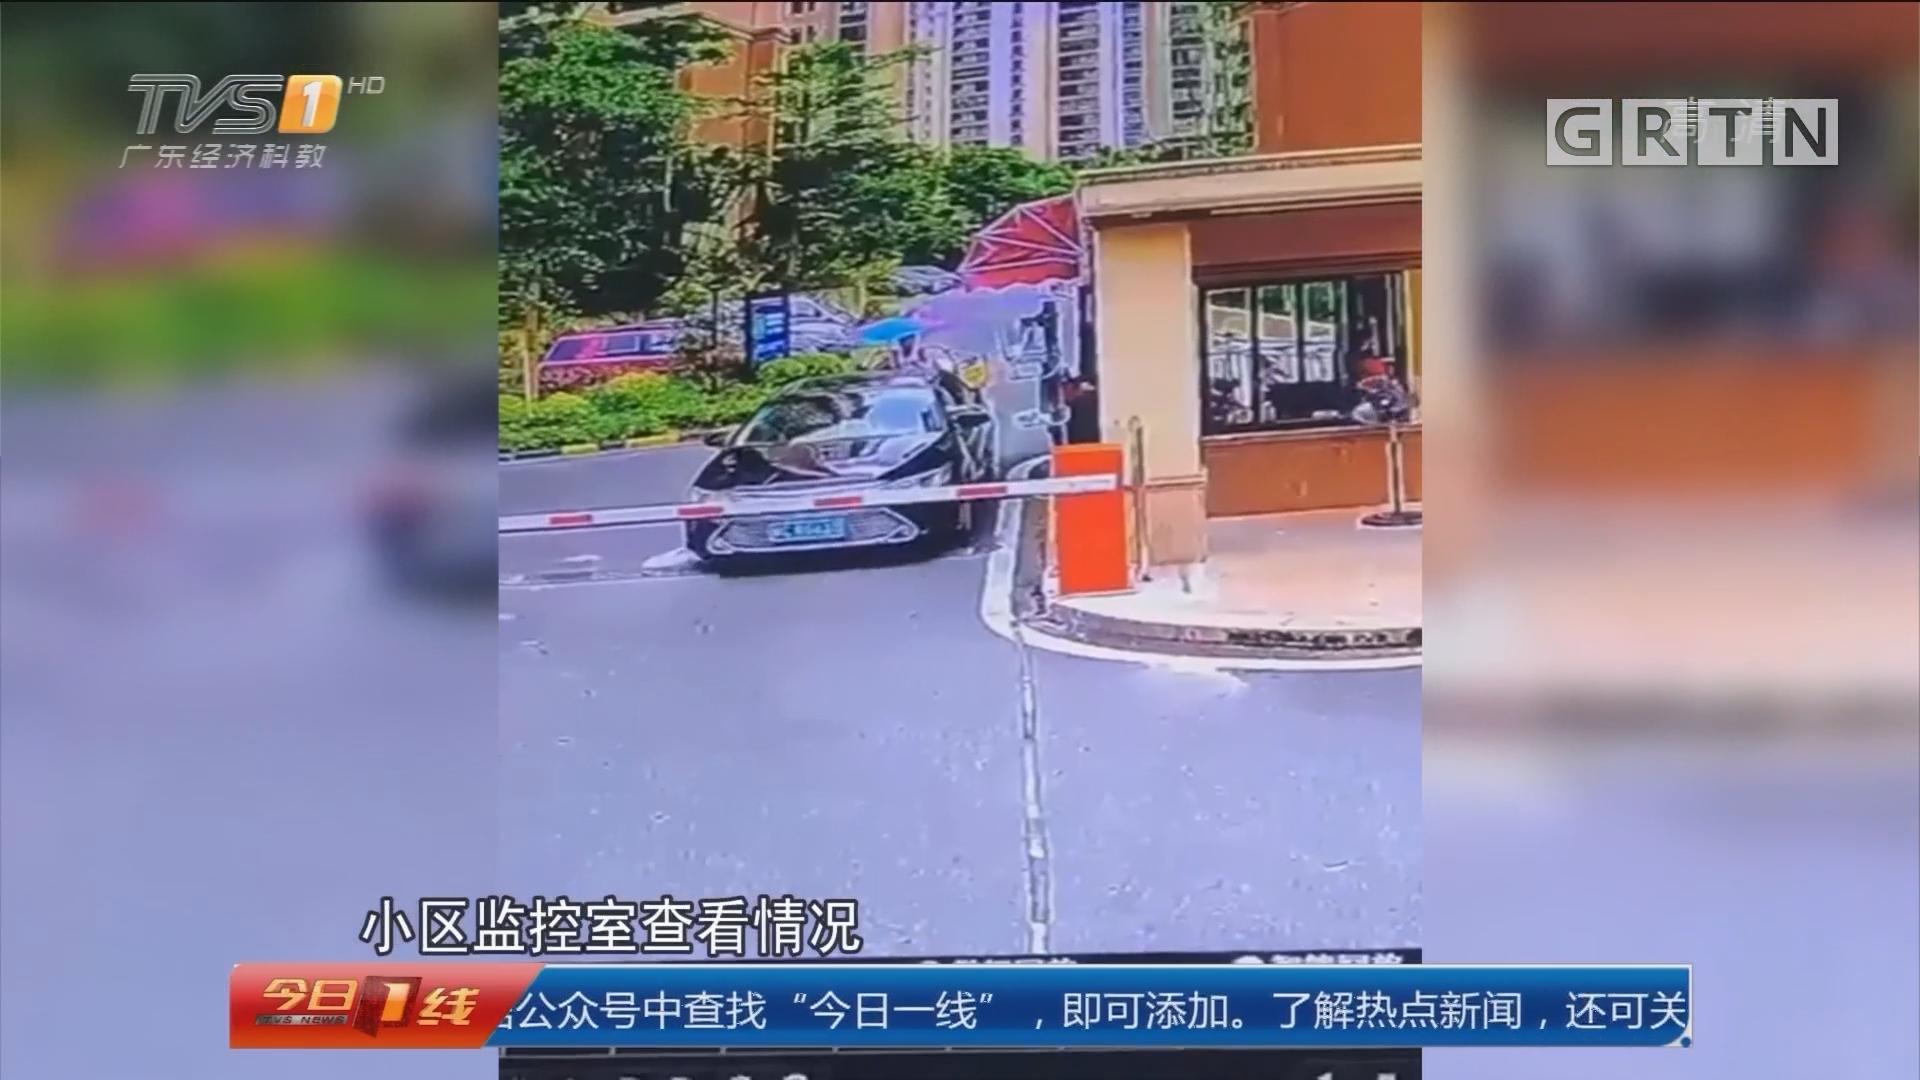 中山坦洲:快递车丢了 客户盼尽快找回包裹